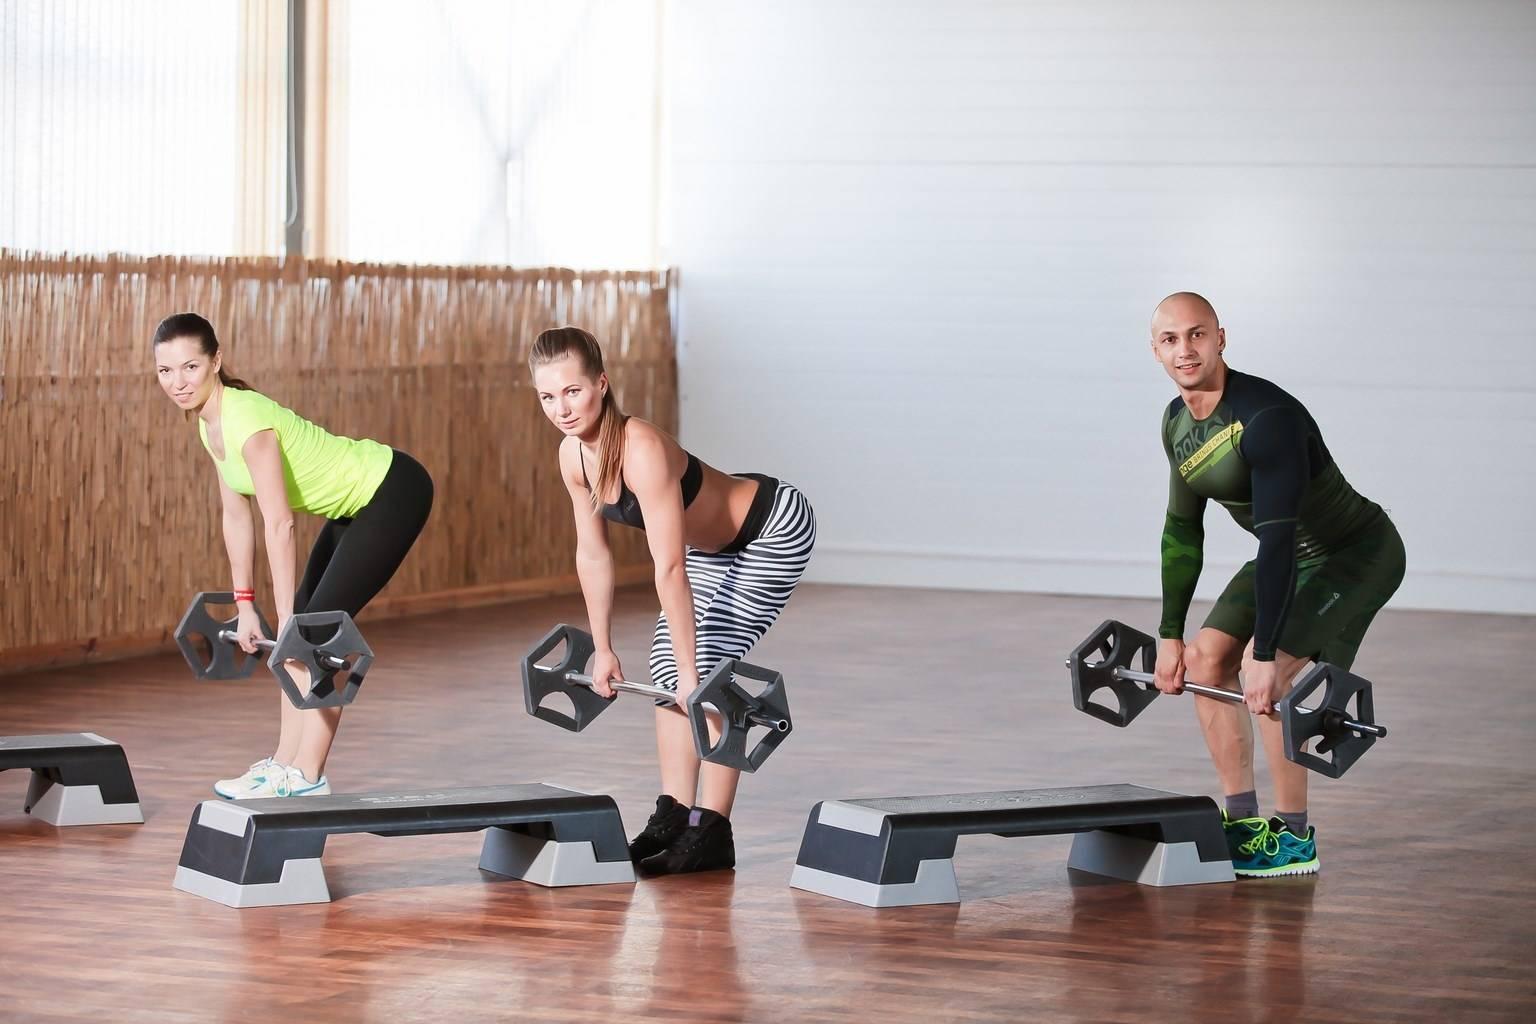 Hot iron тренировка для похудения - упражнения и отзывы